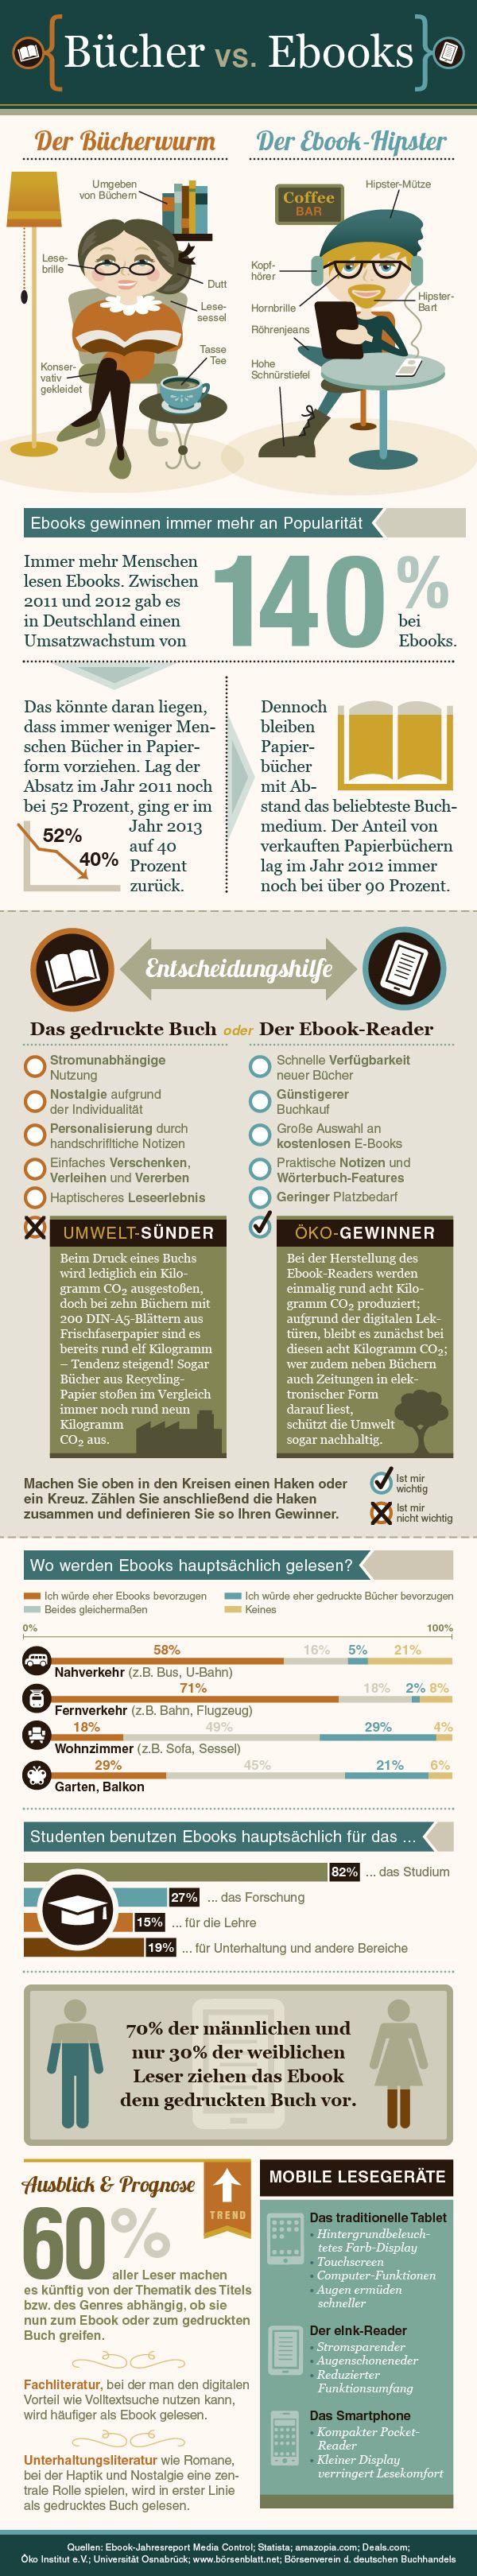 Buecher vs. Ebooks | Mo Büdinger